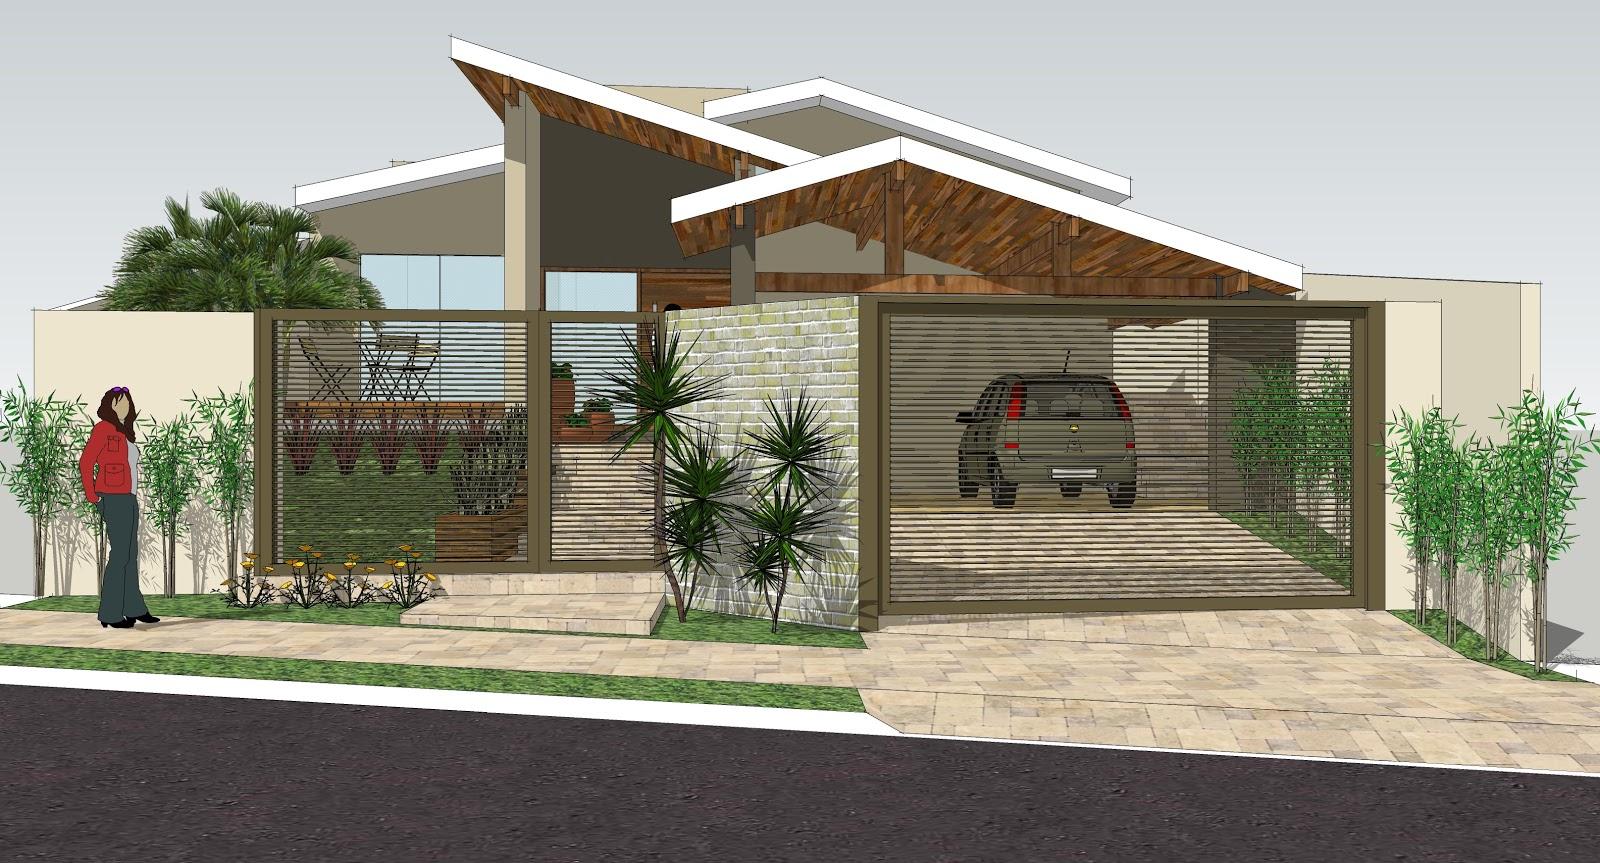 Reforma de uma casa em ourinhos raul gobetti - Reforma de casas ...